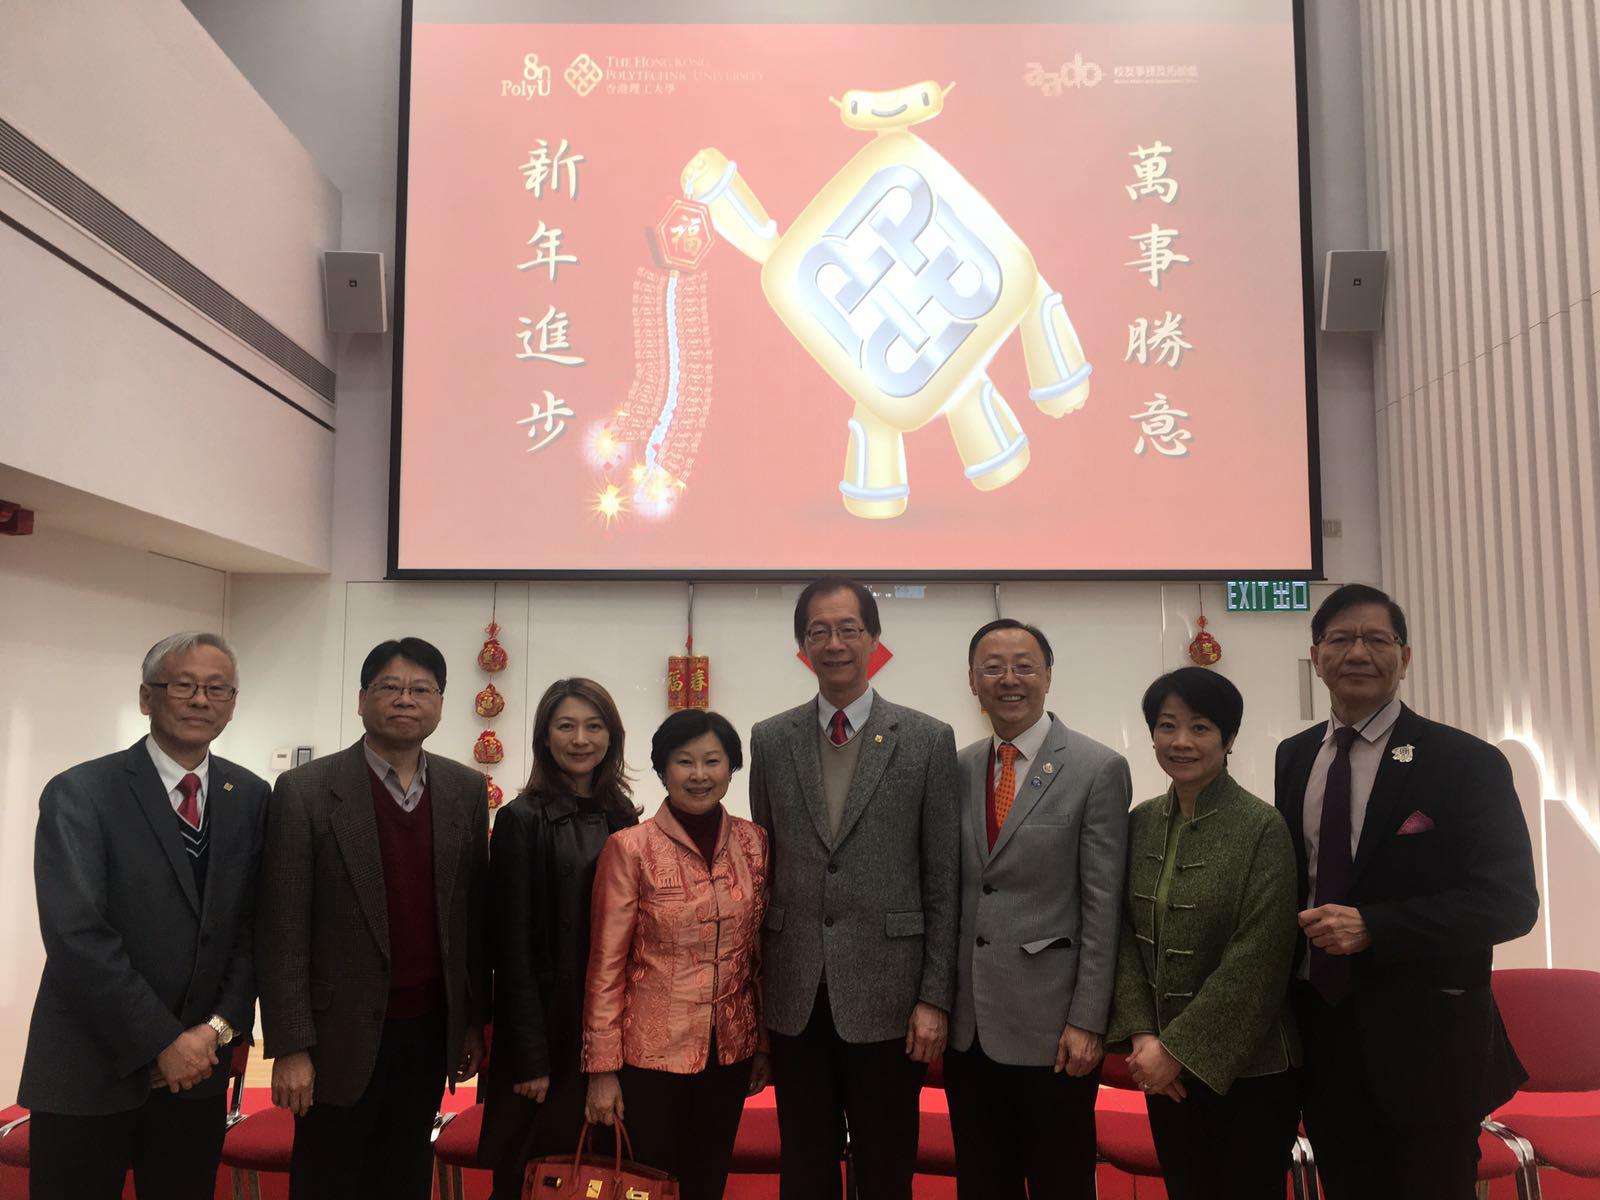 PolyU Chinese New Year Gathering – 9/2/2017